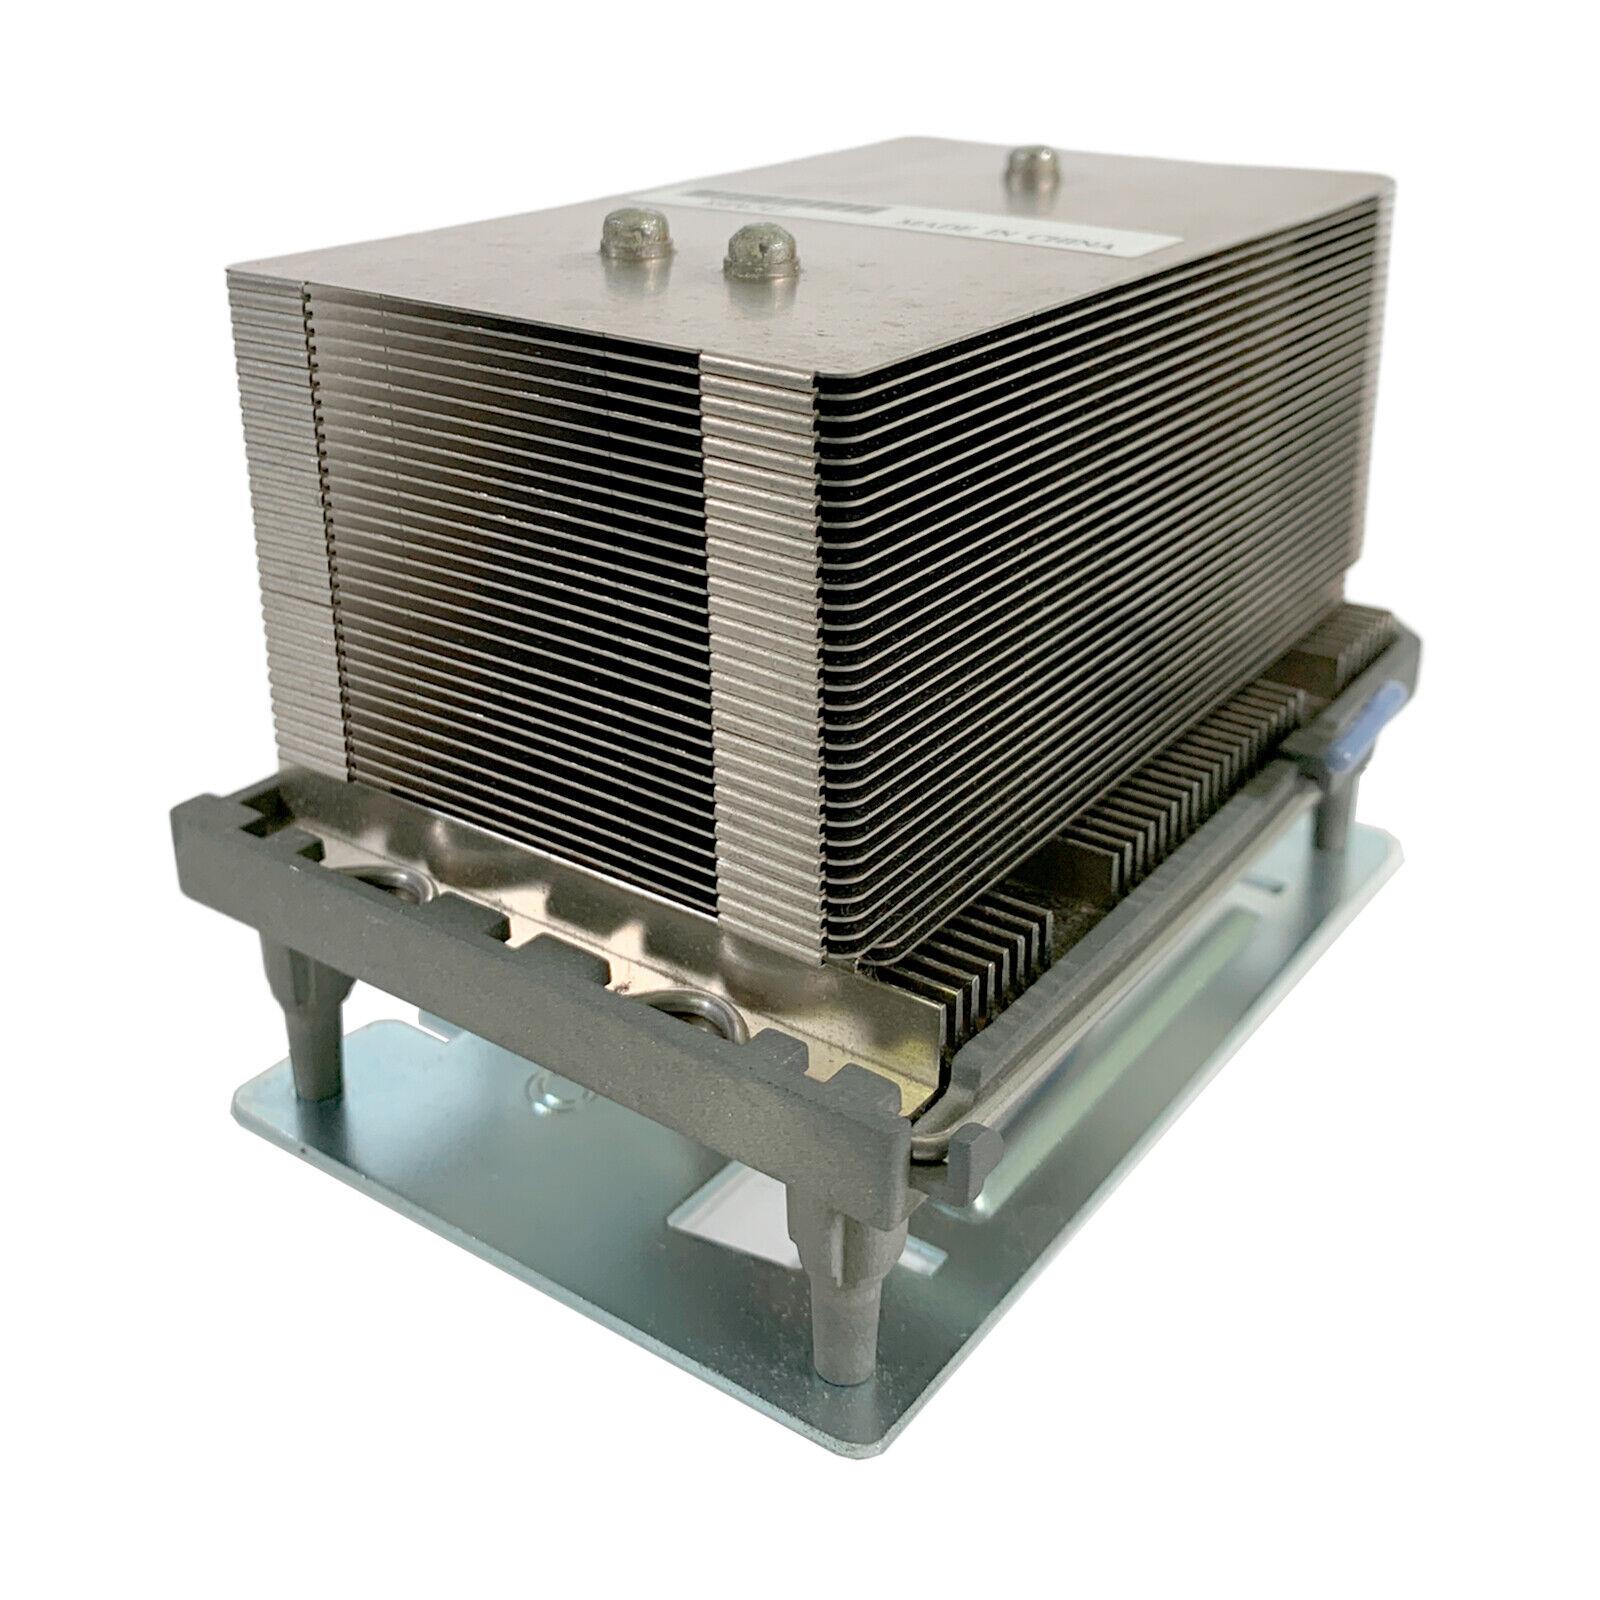 Original IBM Foxconn 89P6747 CPU Heat Sink